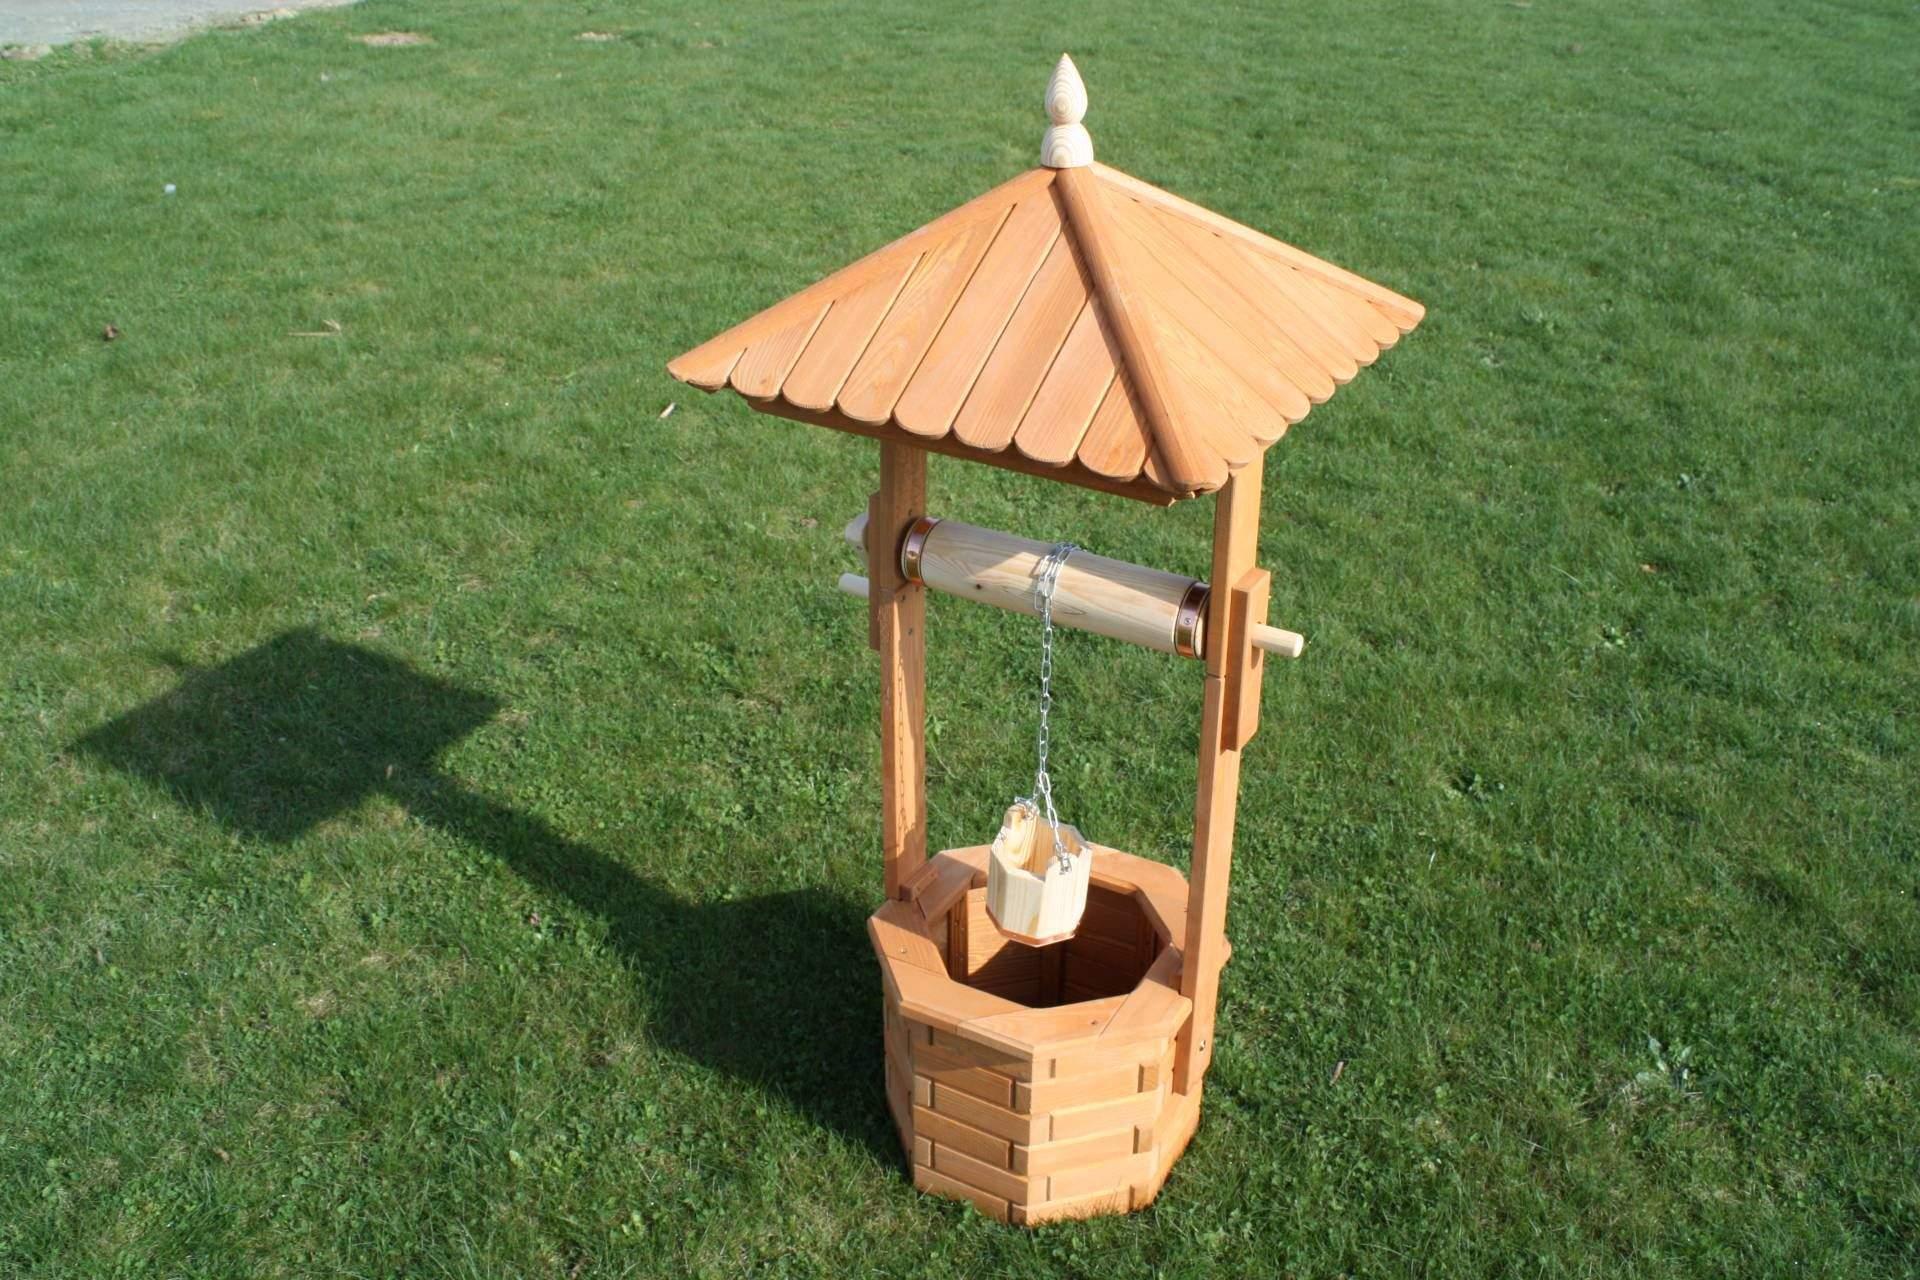 Brunnen Im Garten Bohren Luxus Brunnen Holz Deko Gebeizt Garten Teich Brunnen 130 Cm Holzbr